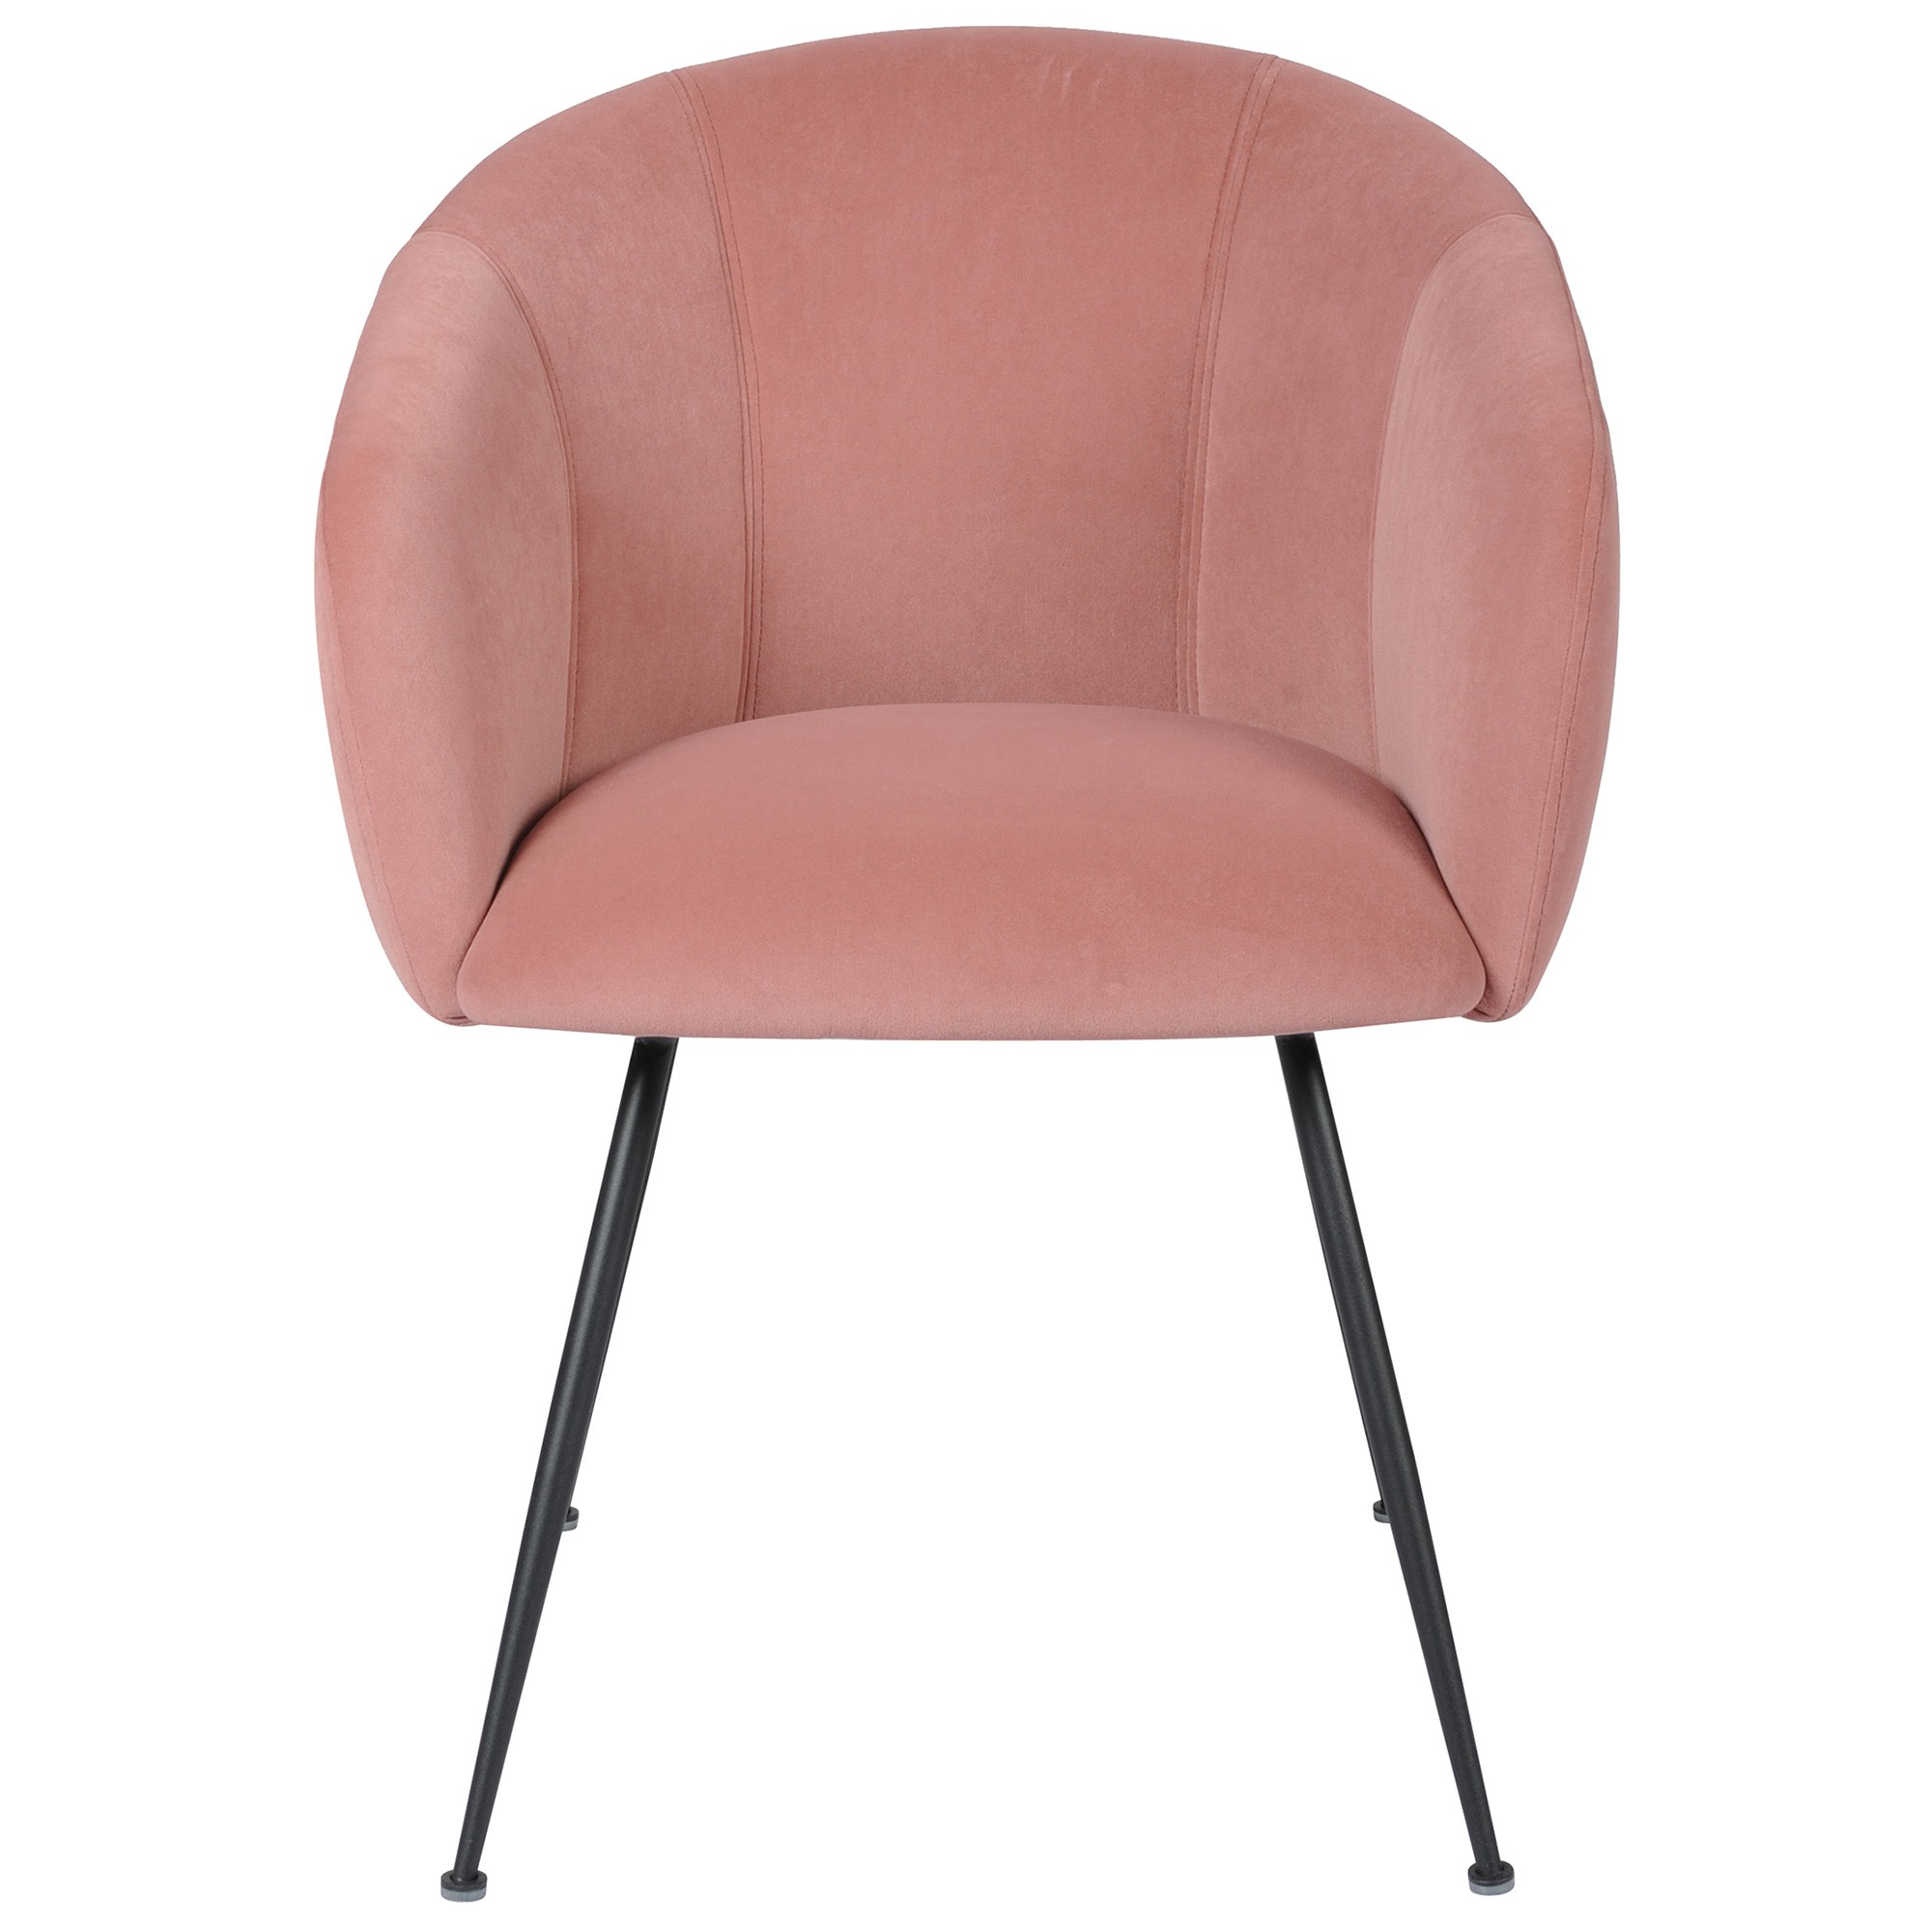 Linn Velvet Fabric Dining Chair, Blush